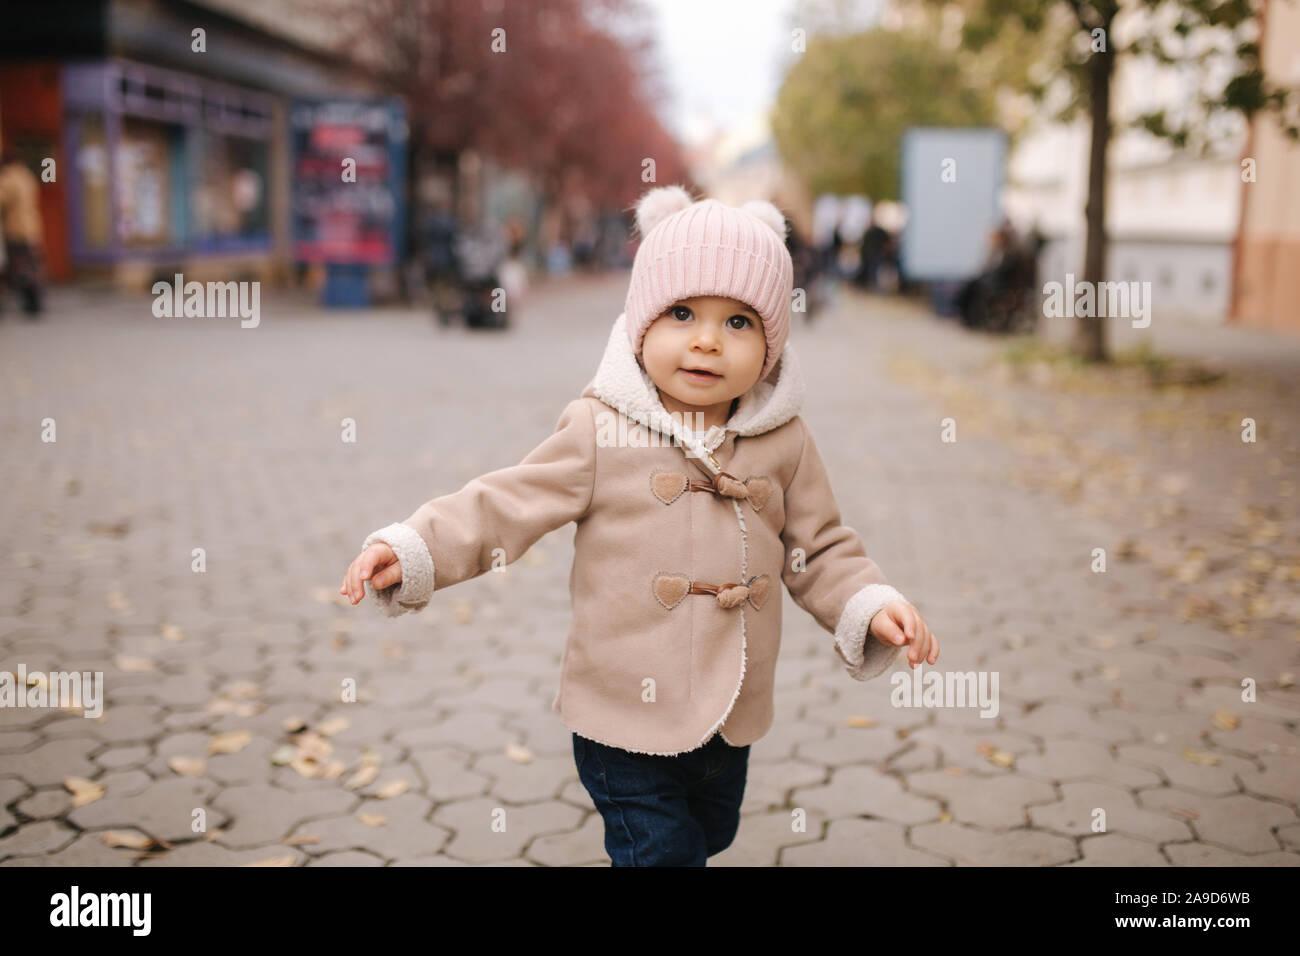 Adorabili poco Baby girl nel bellissimo cappotto marrone a piedi nella città. Carino undici mese baby sorriso ed eseguire Foto Stock